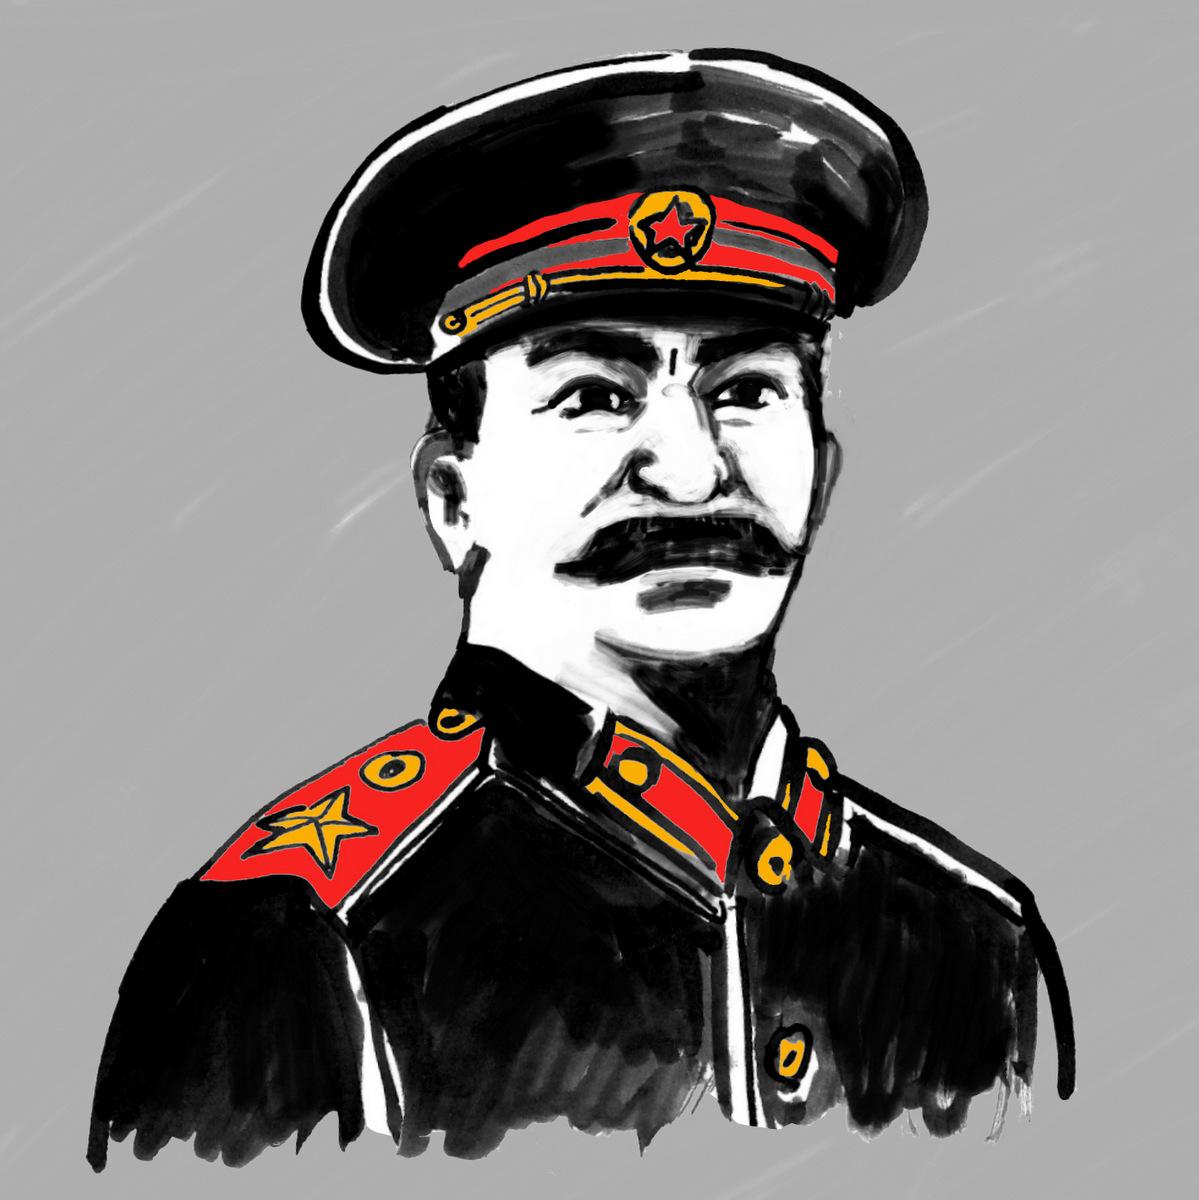 Блог Кати Осиной. Рисунки из путешествий. Плакат-шпаргалка по советской истории для школьников и их родителей